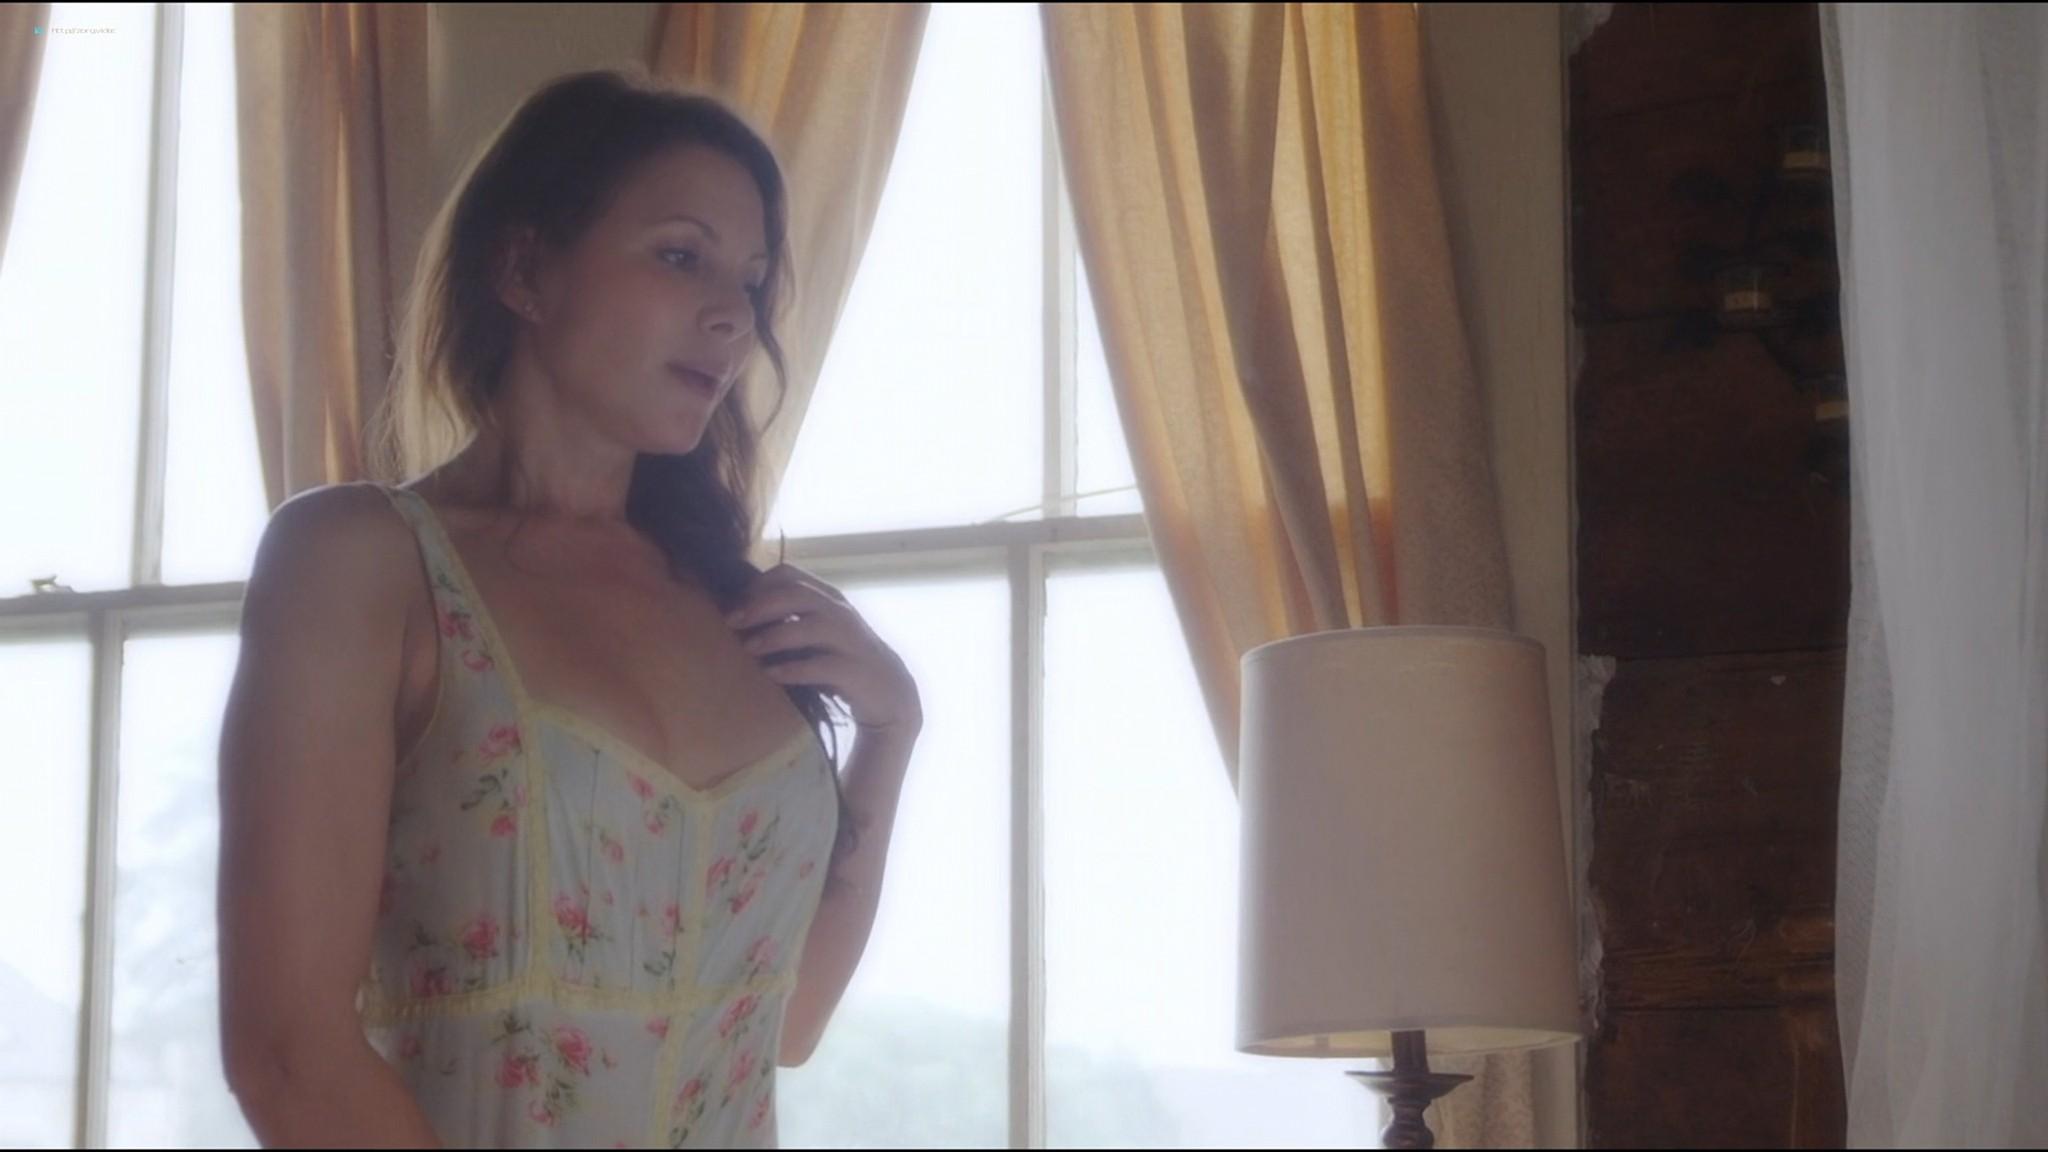 Kari Wuhrer nude Mia Serafino, Mary Anthony sexy - Secrets of a Psychopath (2013) HD 1080p Web (12)